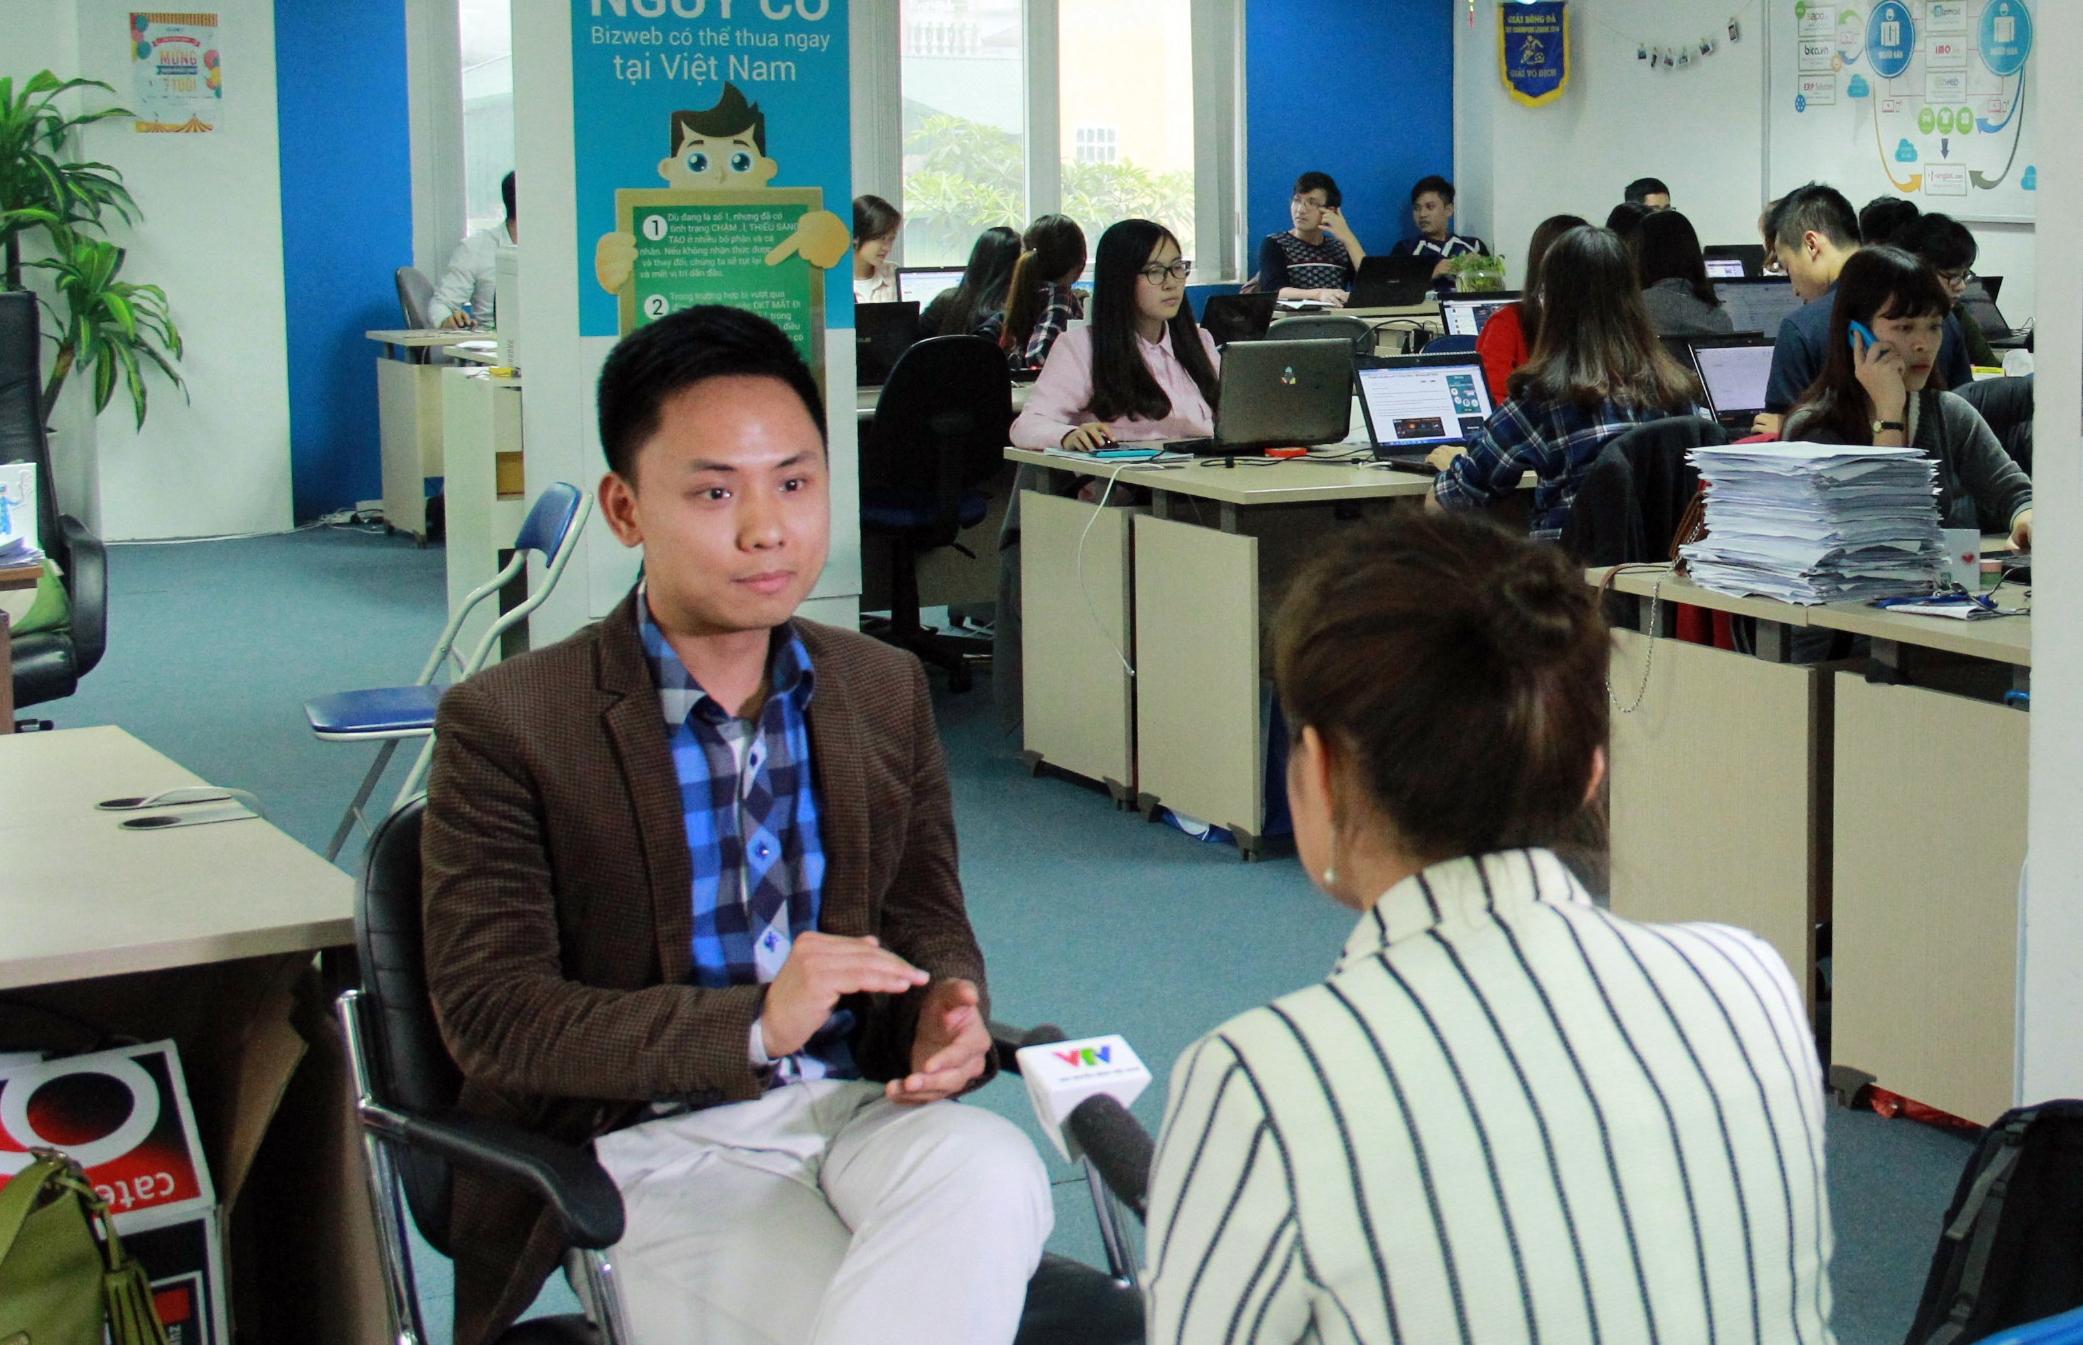 Tổng giám đốc DKT - Trần Trọng Tuyến